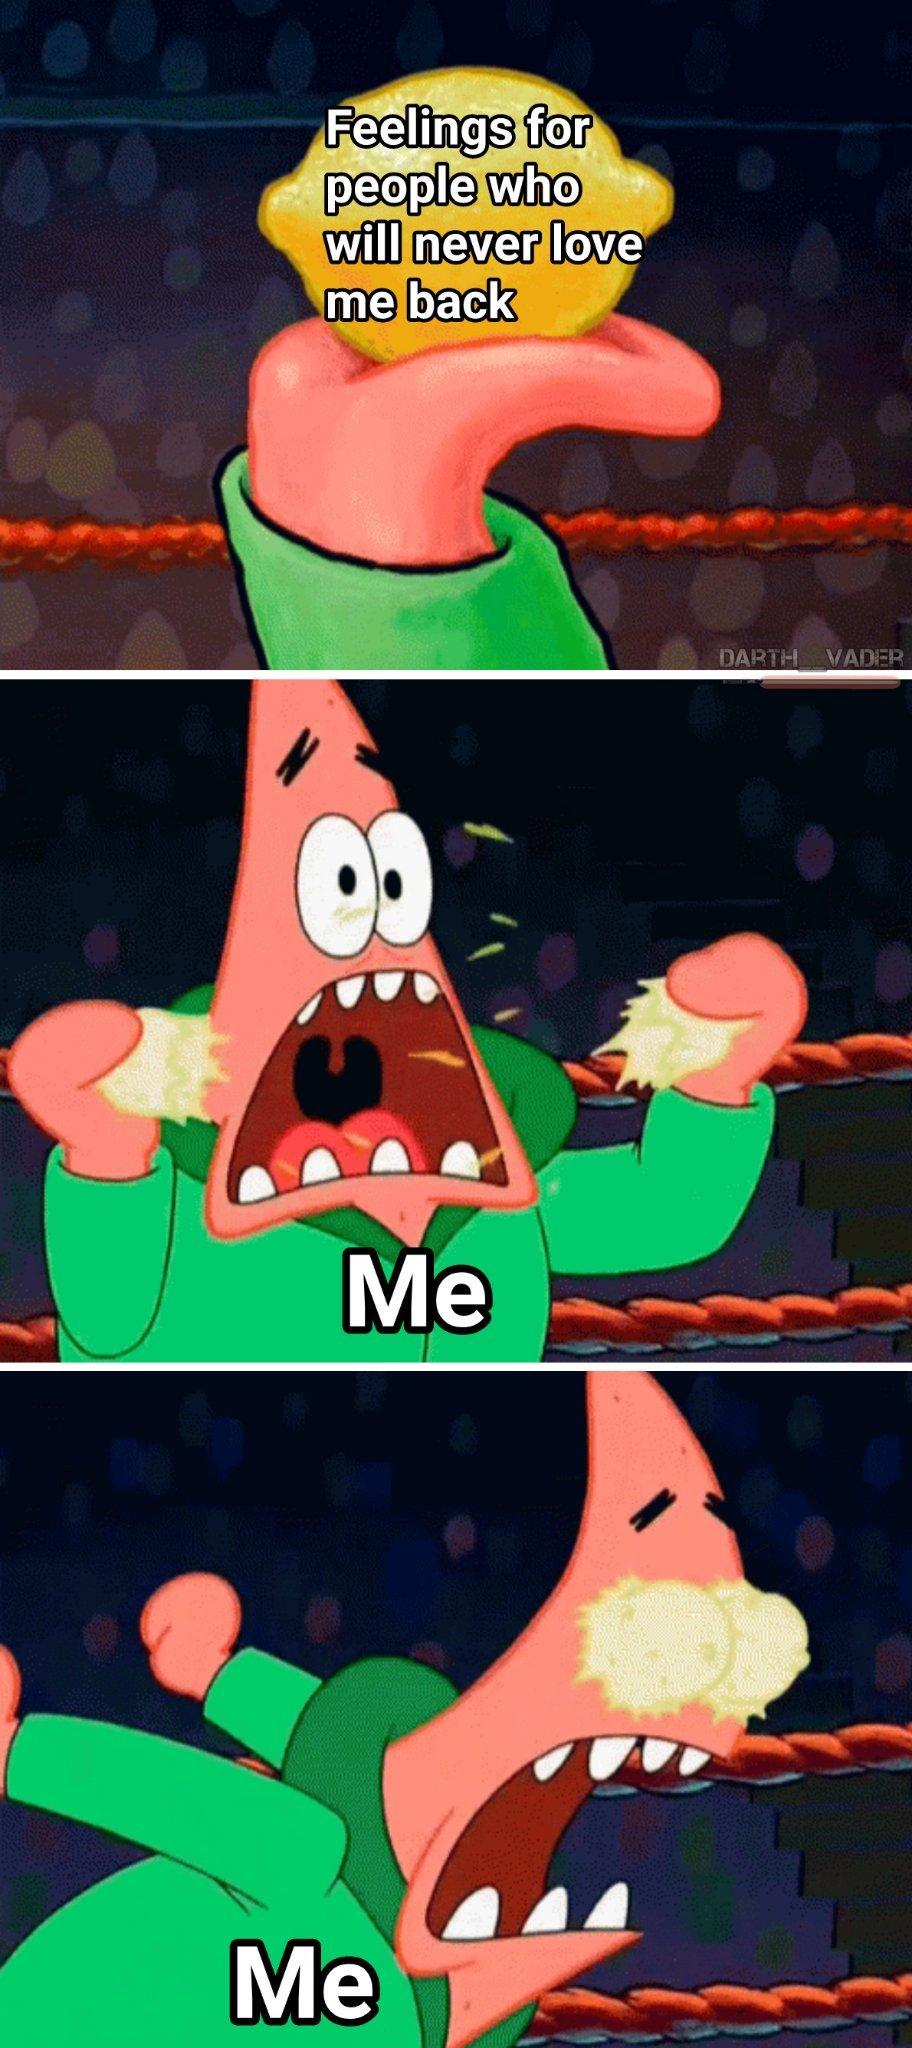 ya feelin' what i'm feelin'? - meme